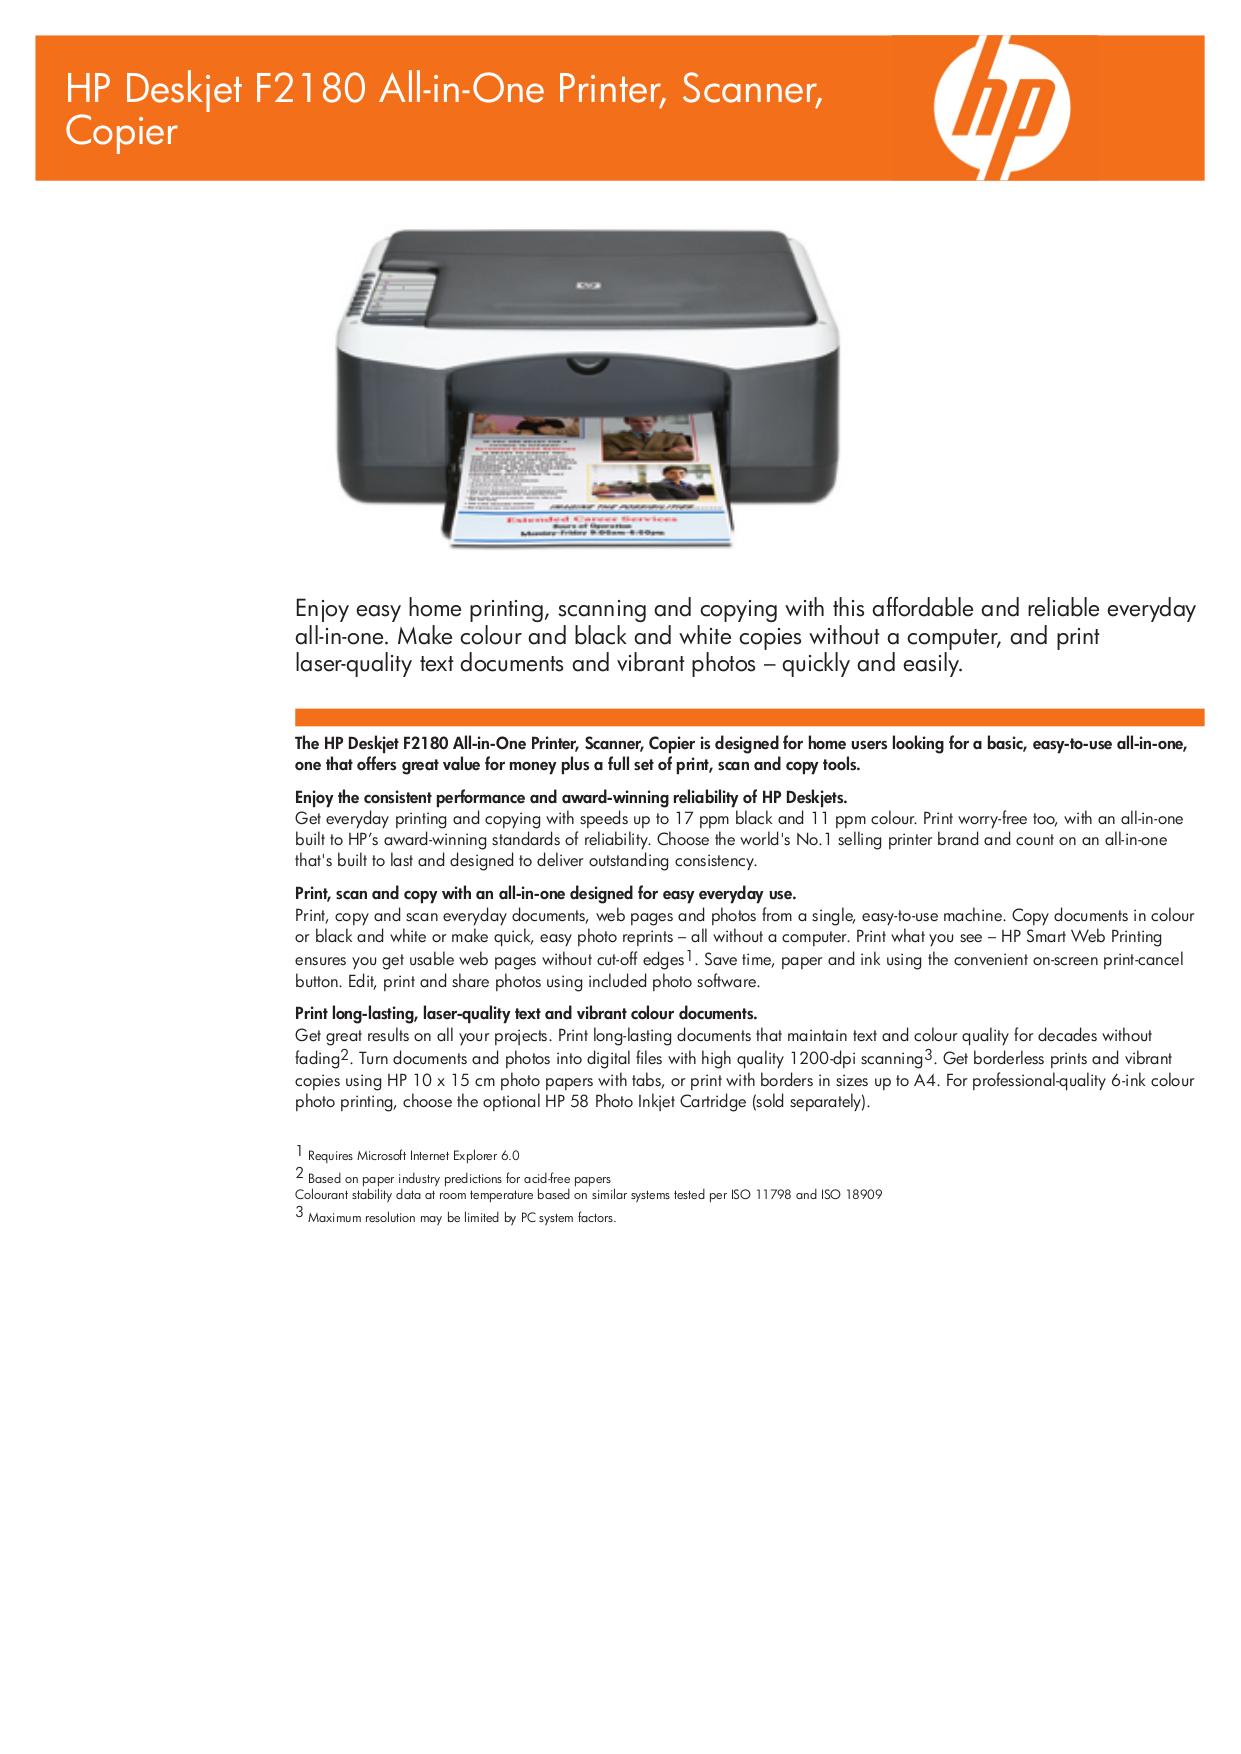 Принтера hp deskjet f2180 инструкция